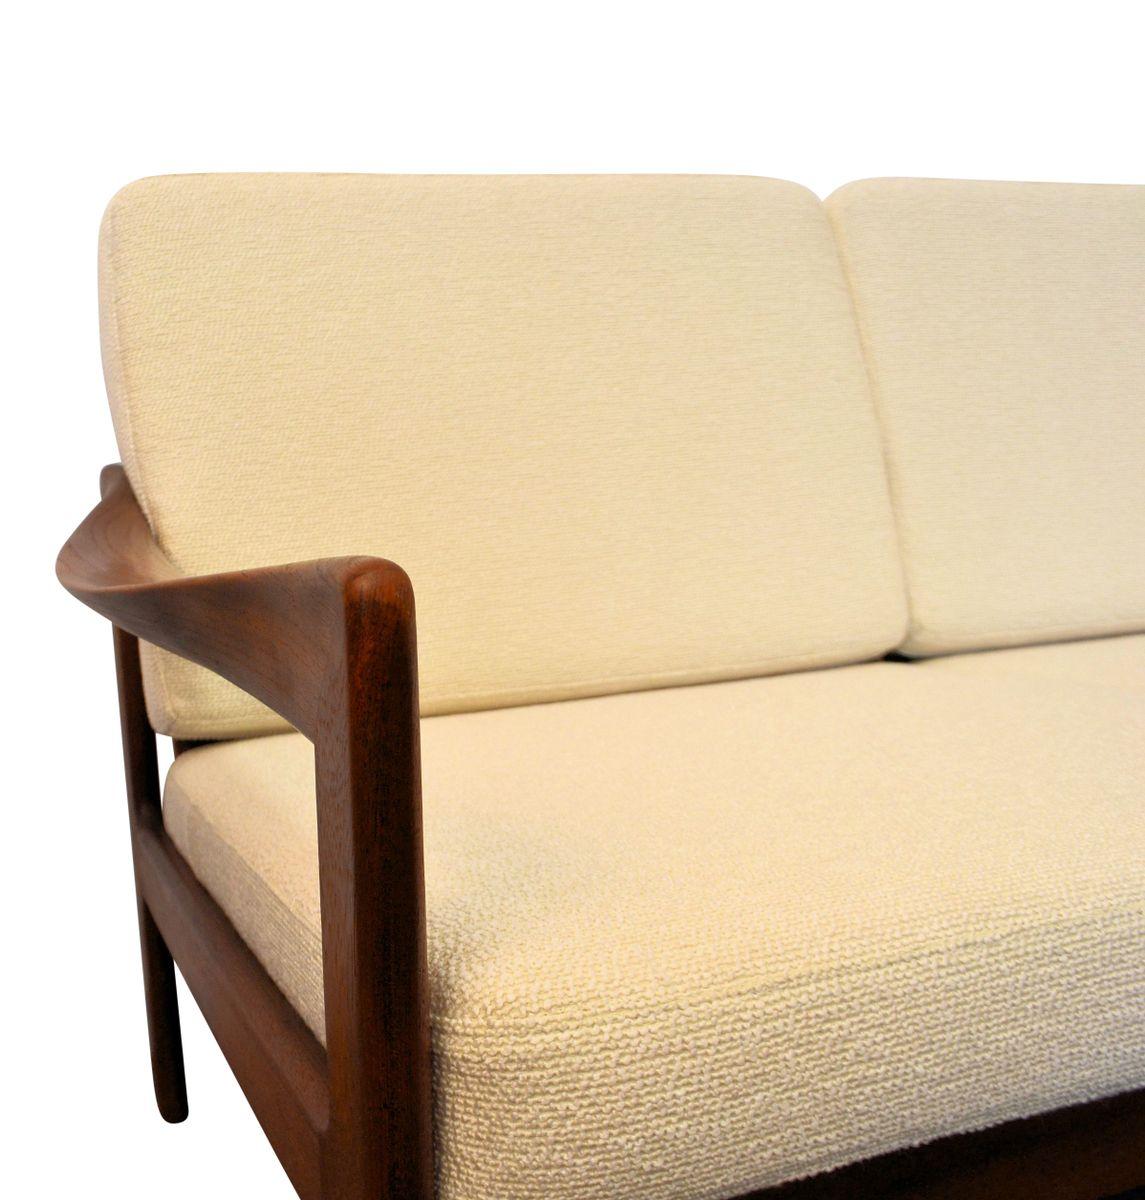 vintage danish teak 3 seater sofa by illum wikkelso for. Black Bedroom Furniture Sets. Home Design Ideas